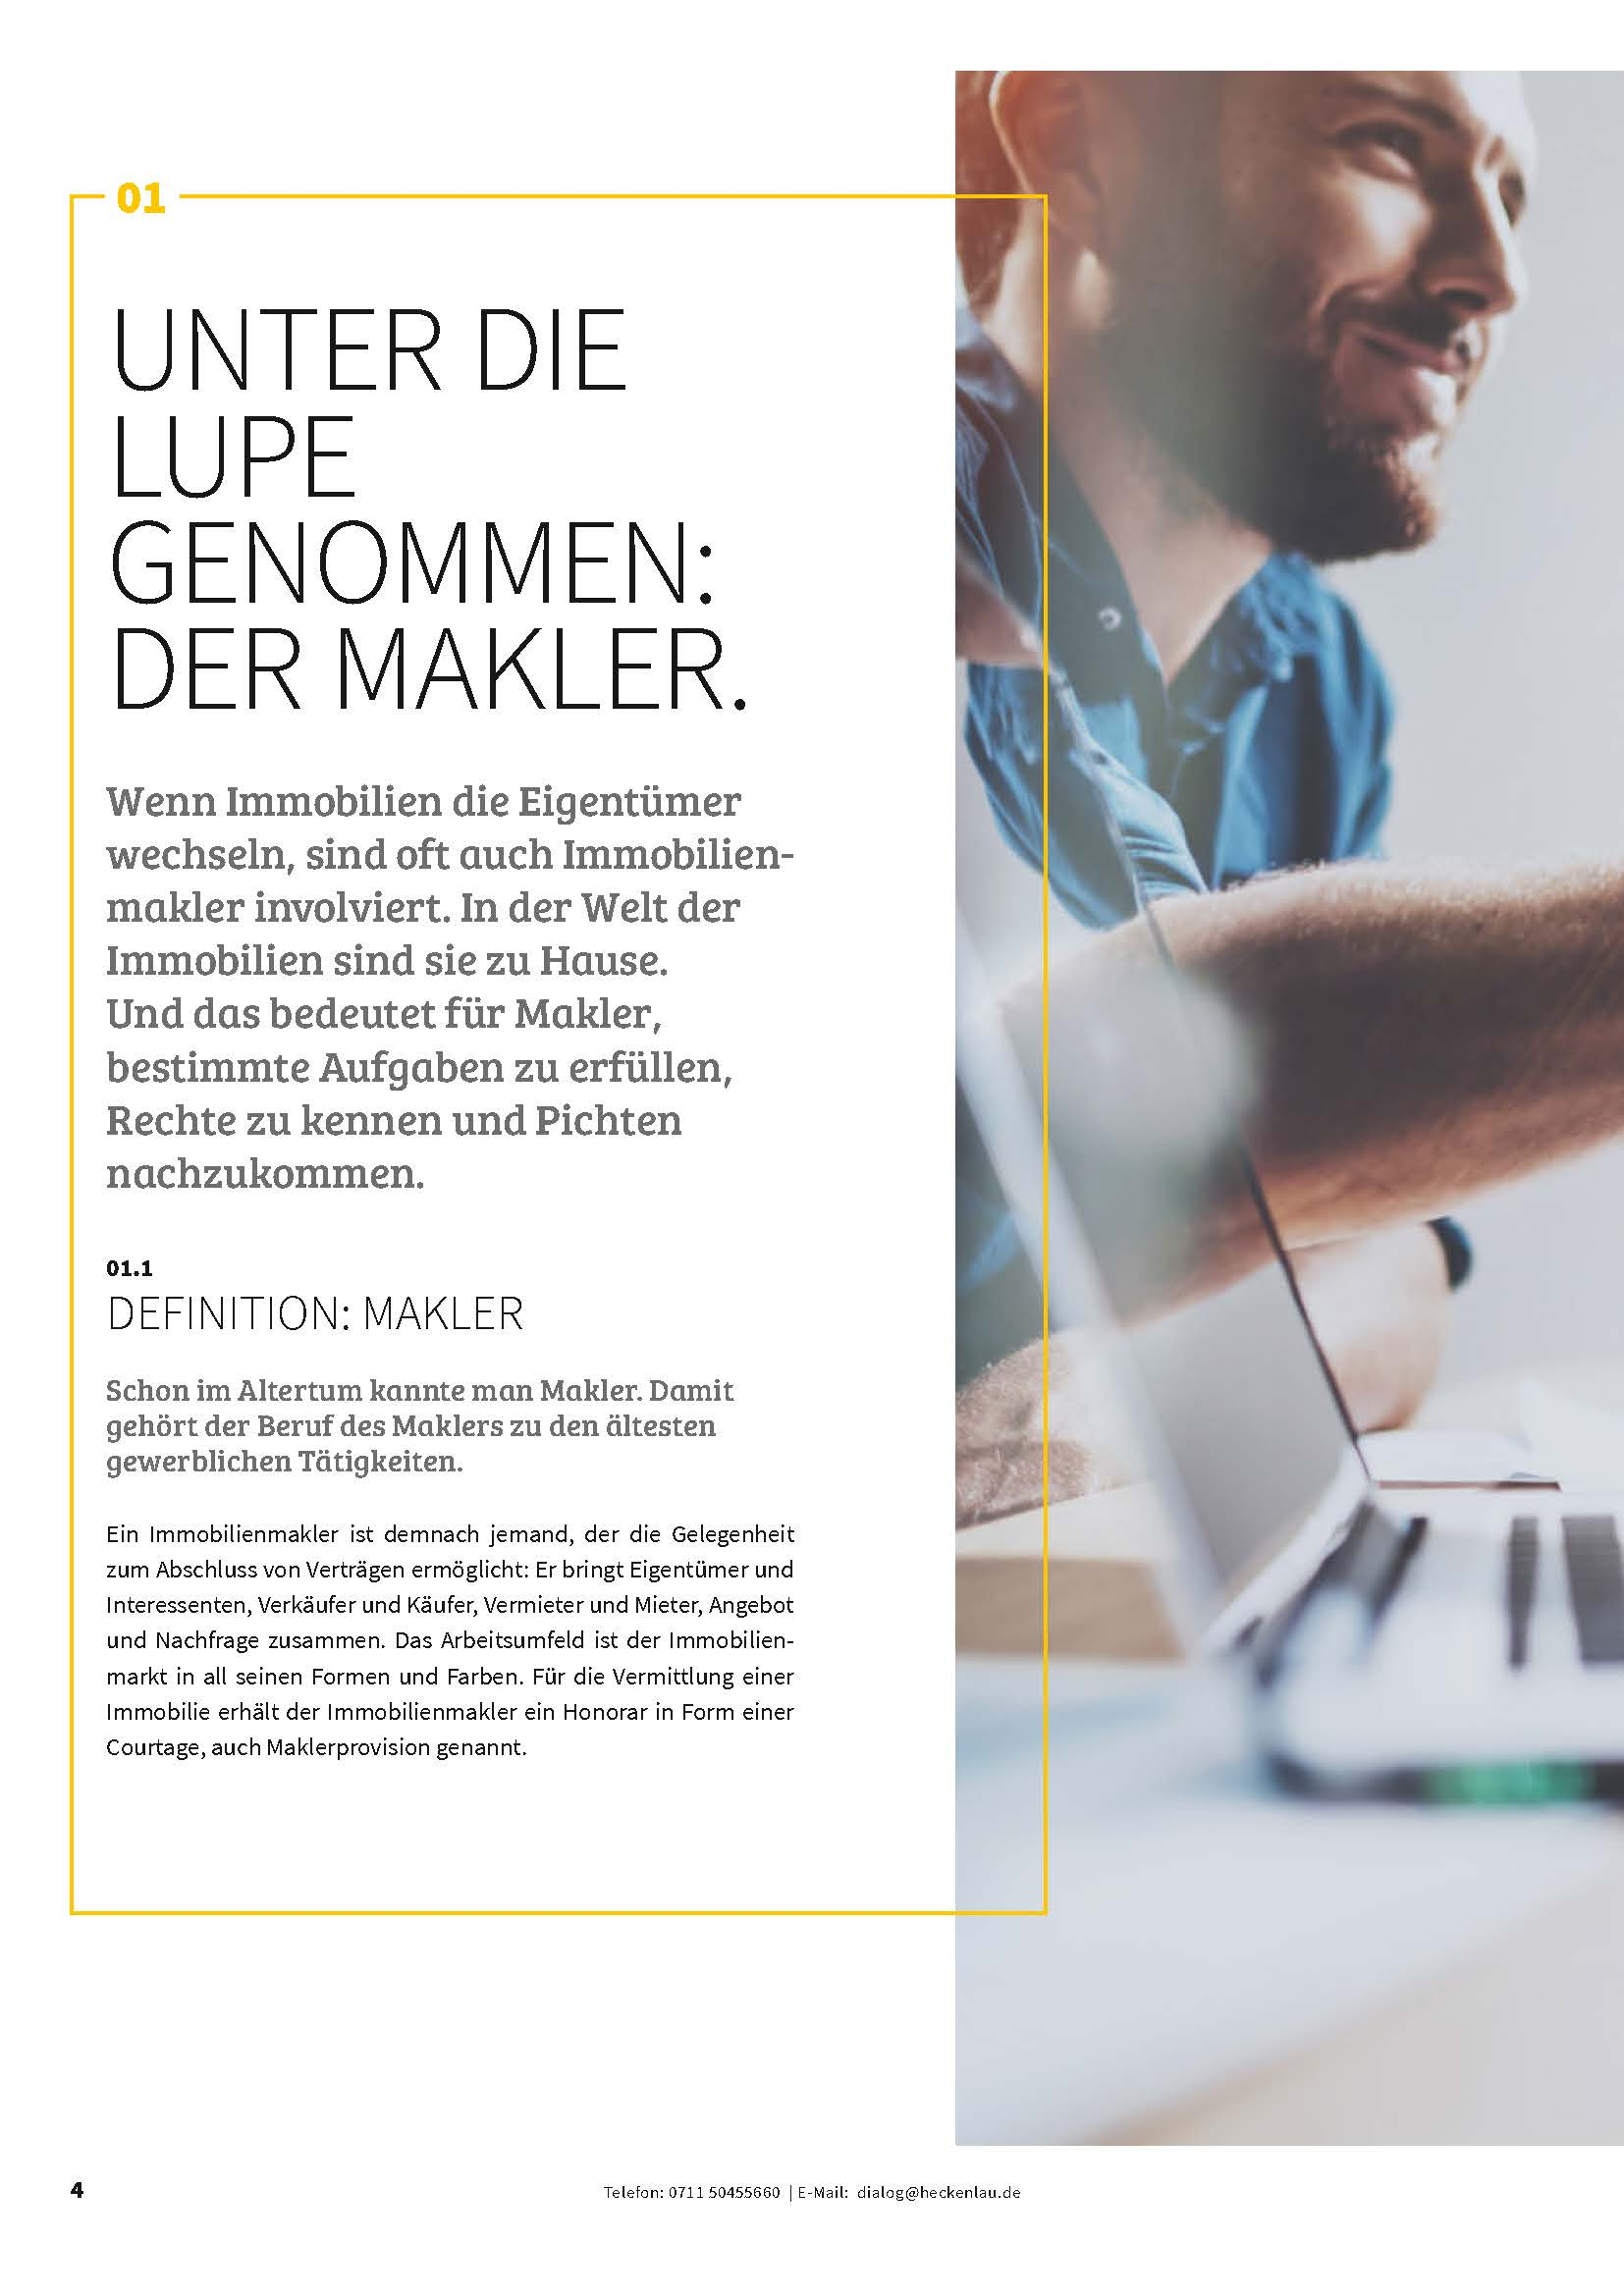 Immobilienwissen kompakt - Ratgeber von Heckenlau Immobilien - Makler für den Verkauf von Wohnimmobilien in Stuttgart